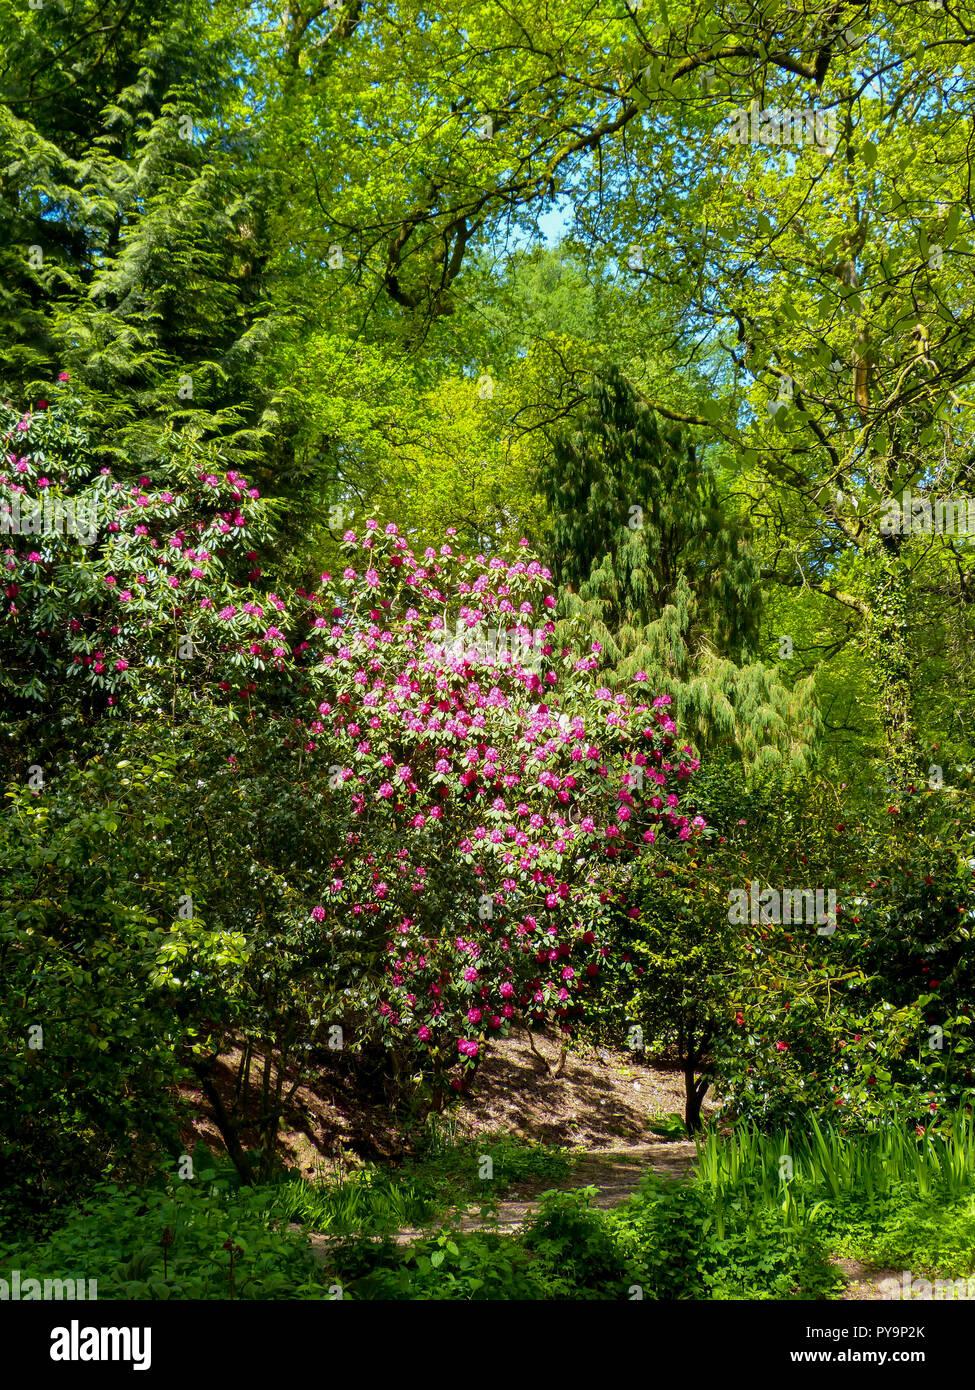 Les azalées et rhododendrons floraison dans le soleil du printemps à Cefn Onn Parc, Cardiff, Pays de Galles, Royaume-Uni Photo Stock